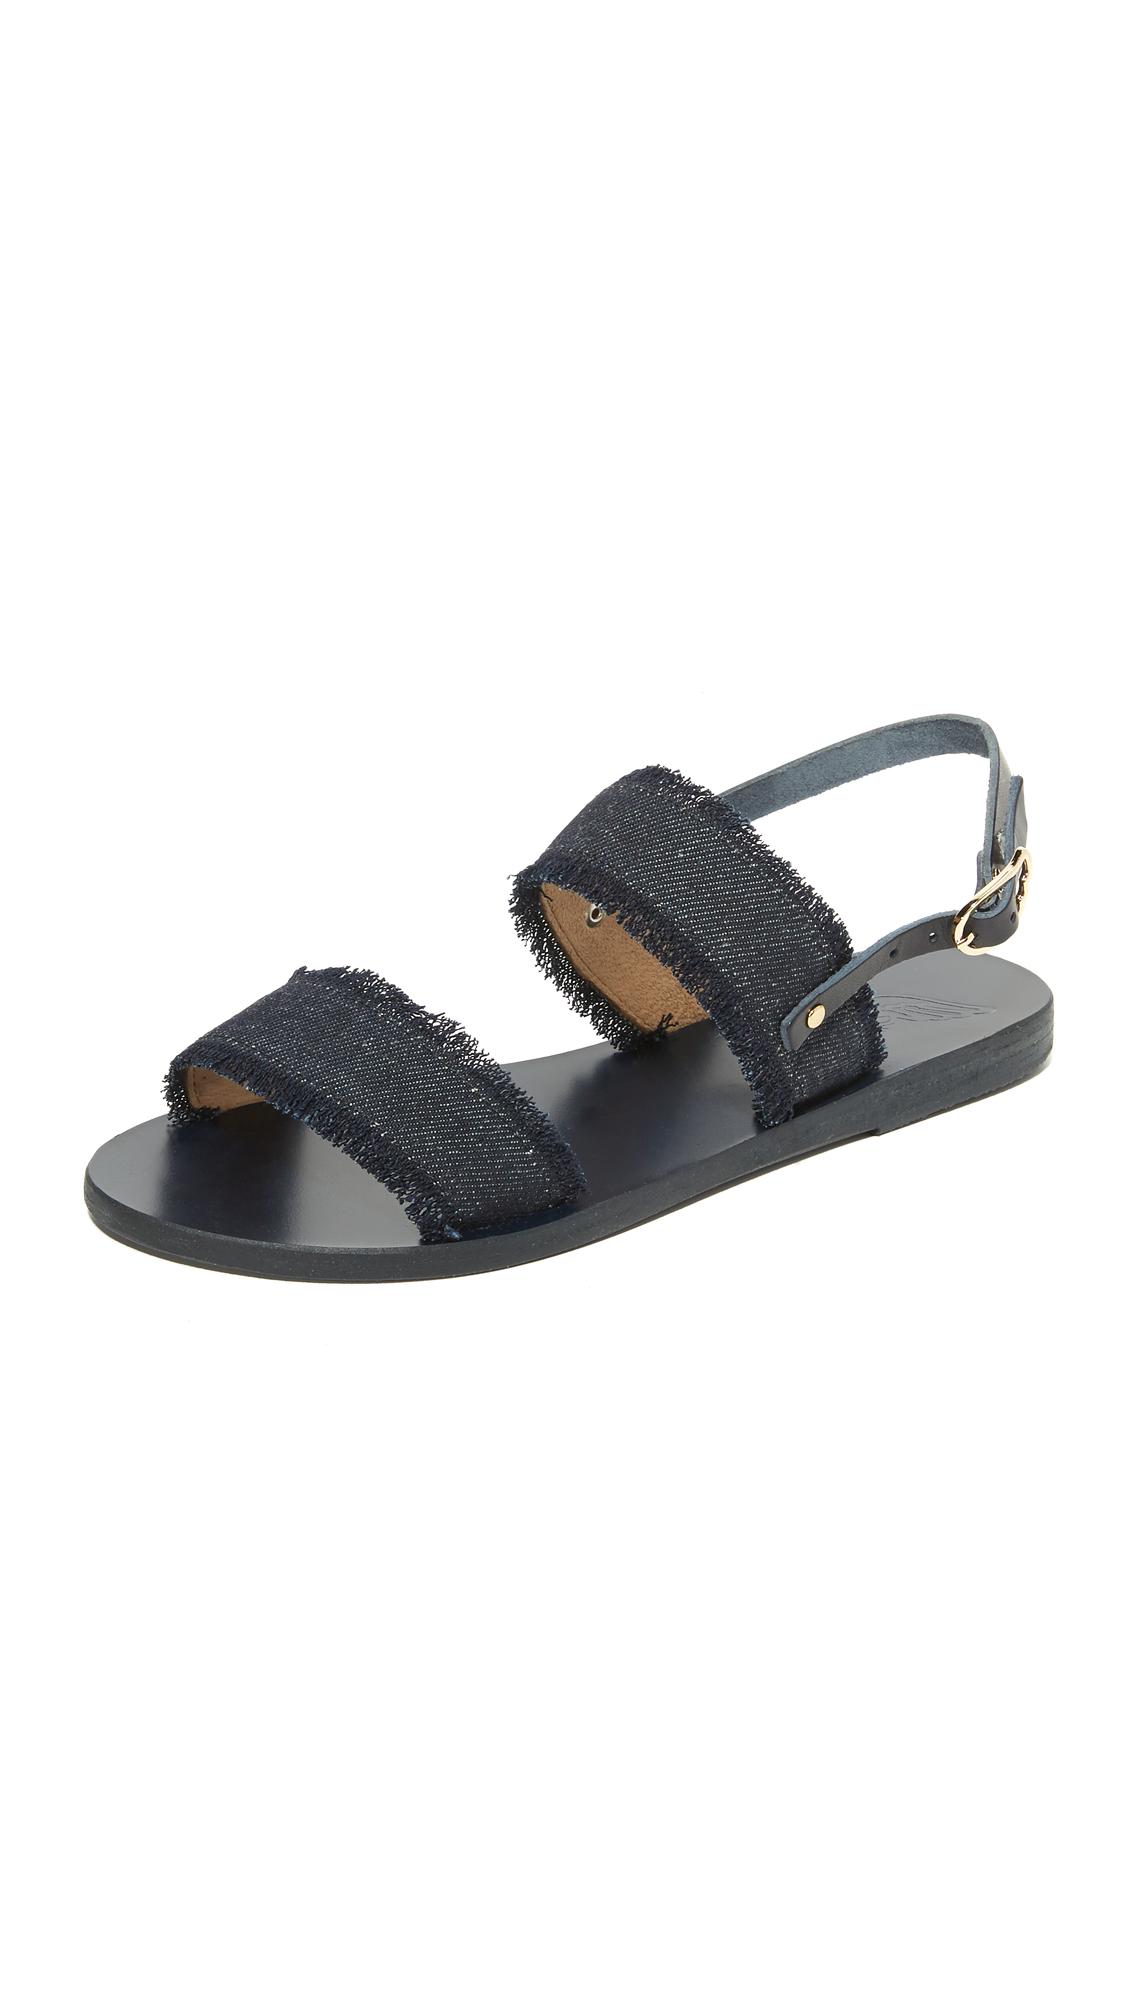 Ancient Greek Sandals Clio Sandals - Dark Denim at Shopbop